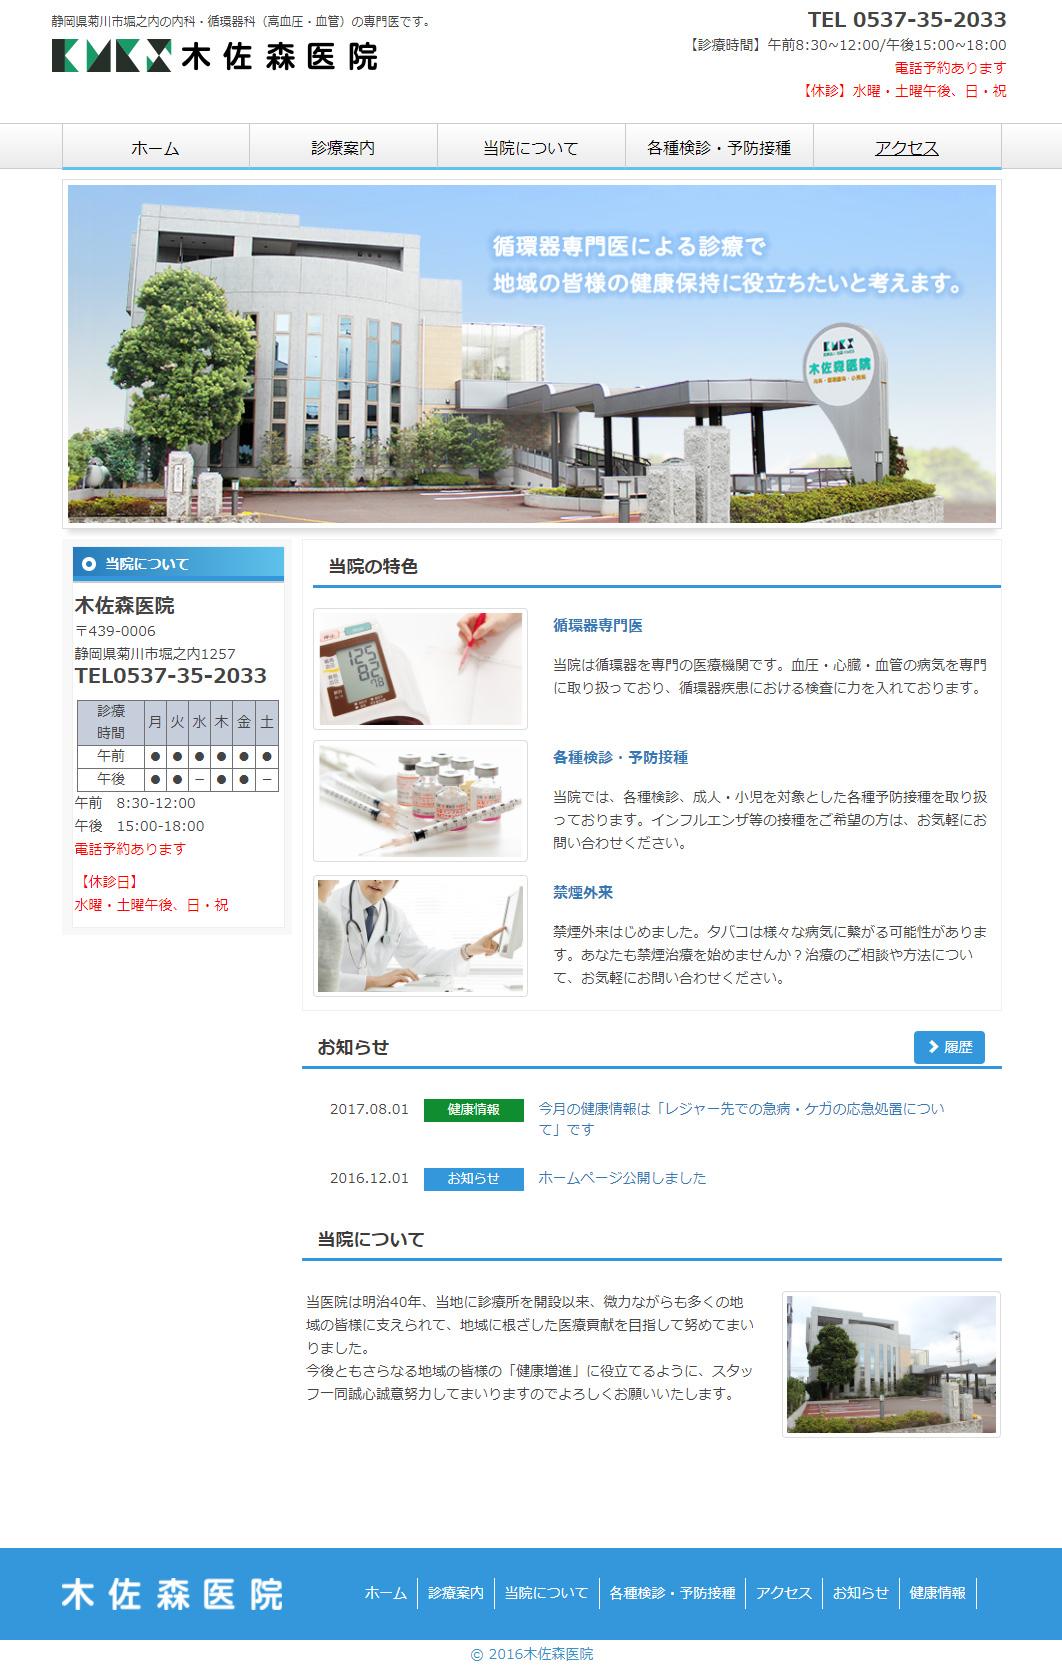 木佐森医院